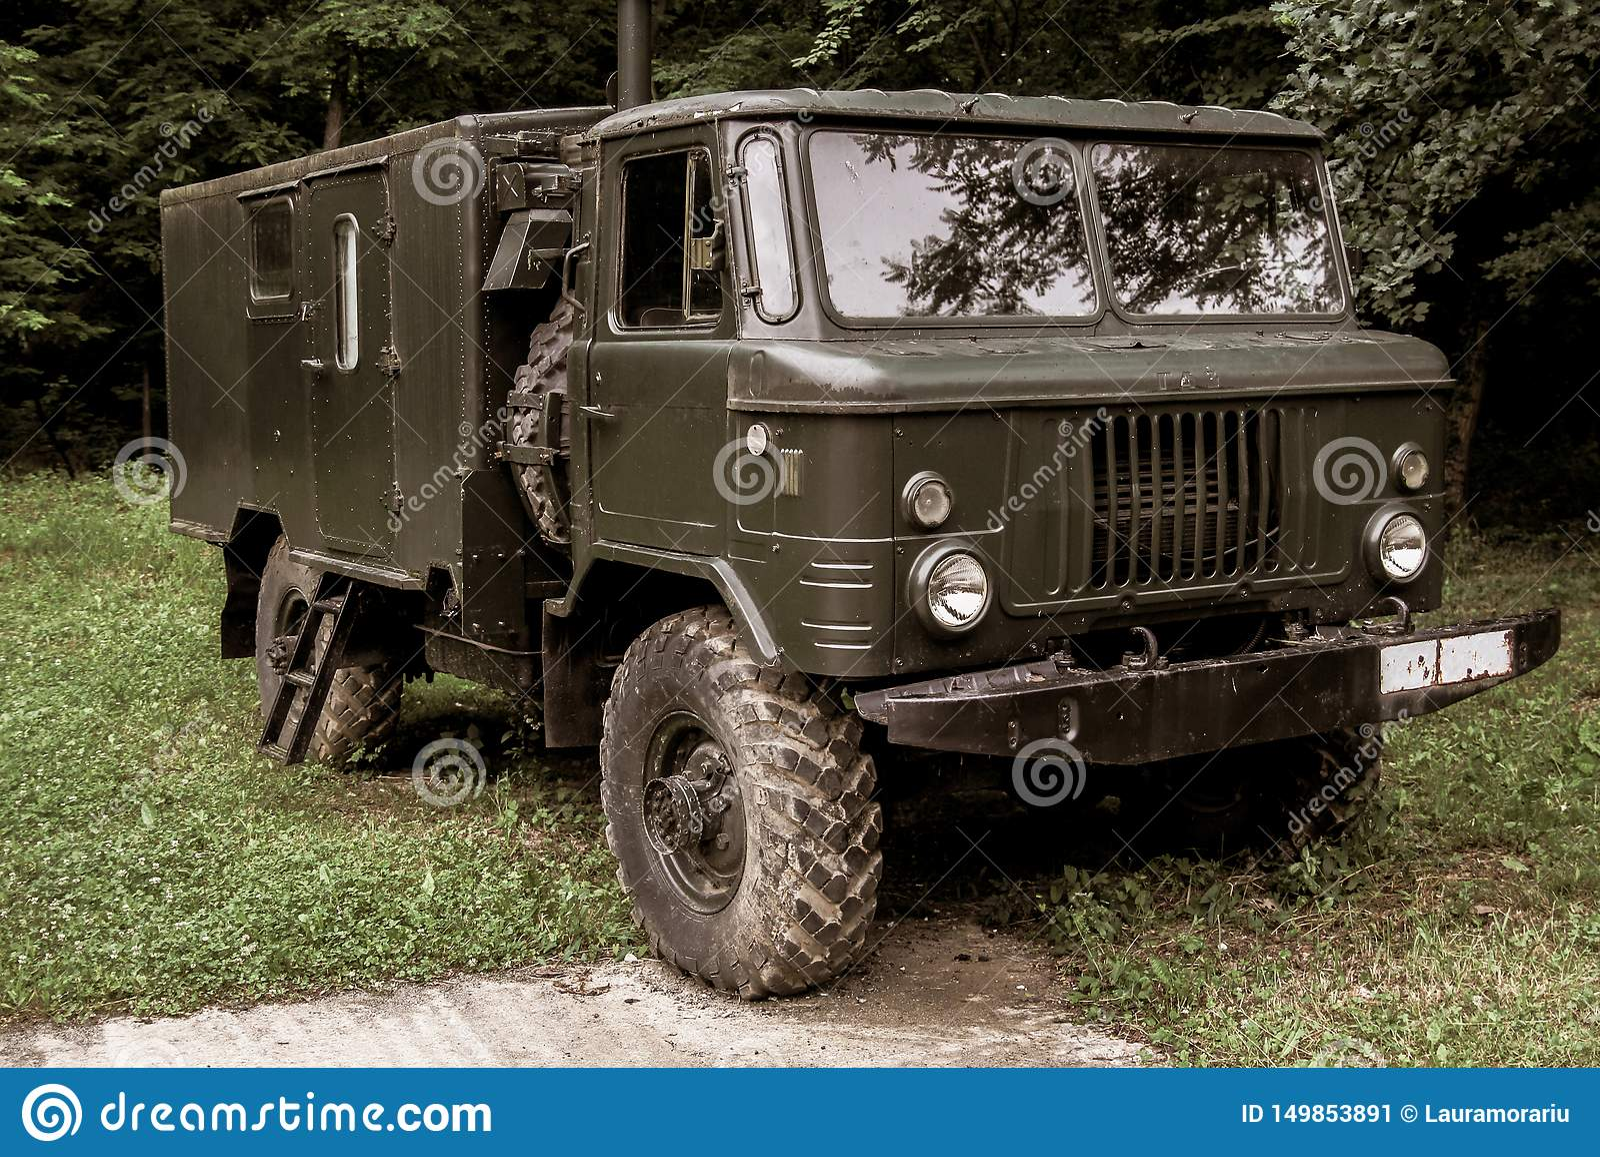 Παλαιό εκλεκτής ποιότητας στρατιωτικό φορτηγό που χρησιμοποιείται στον πόλεμο